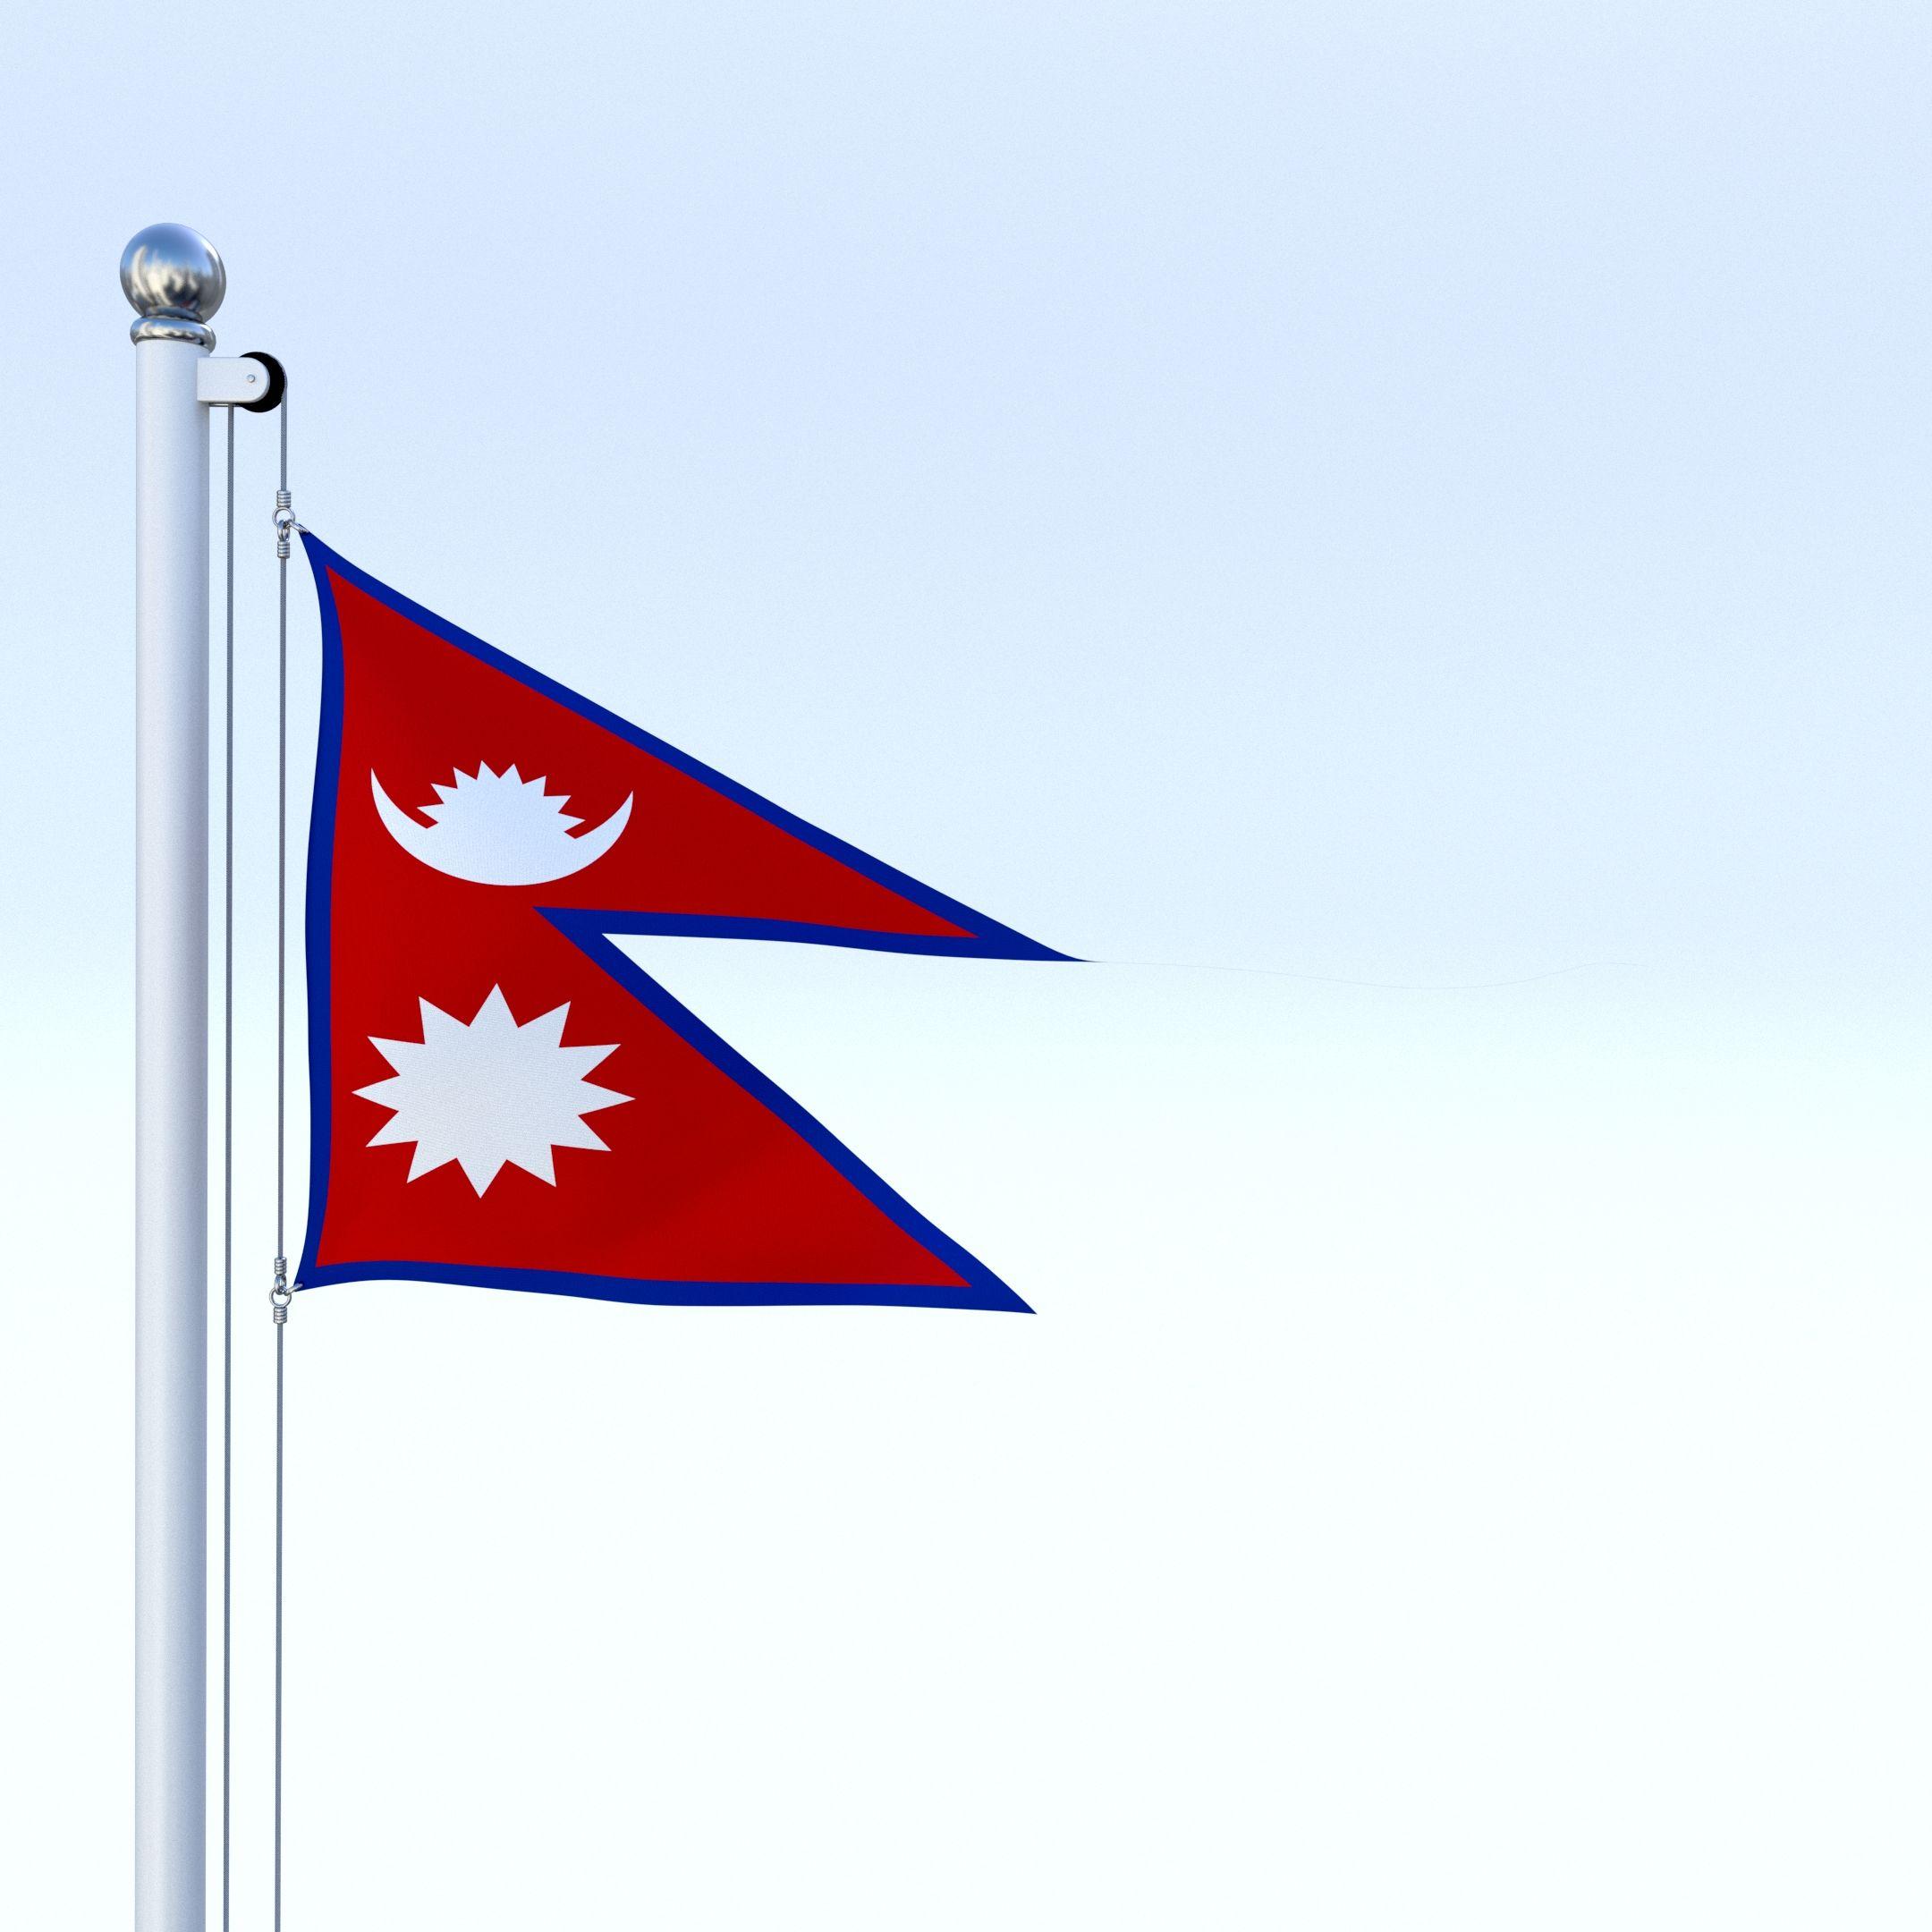 2160x2160 Animated Nepal Flag